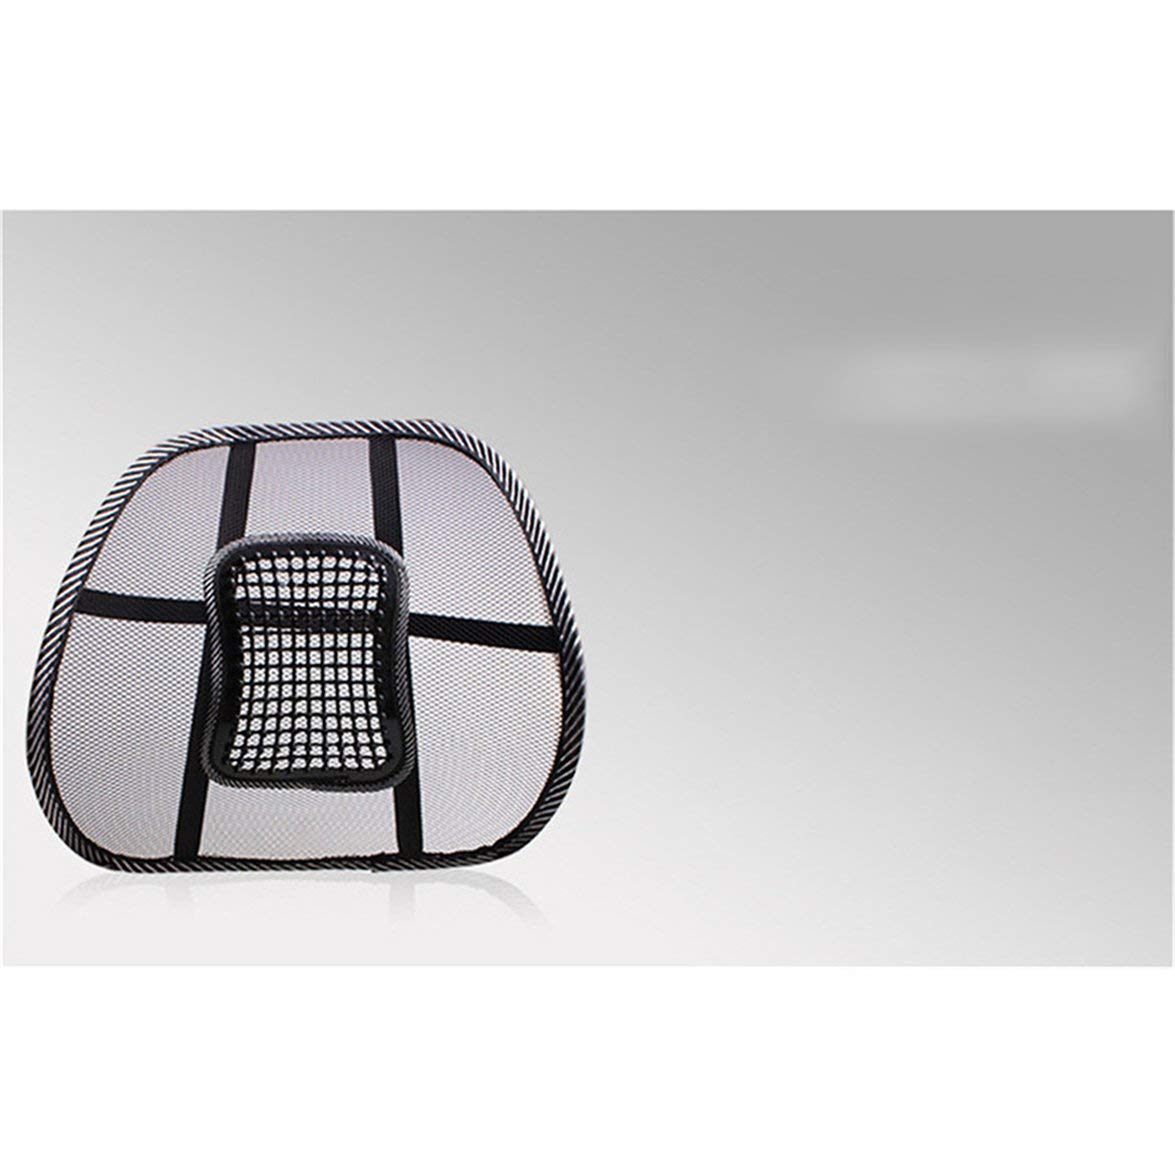 Almohada Ideal para la Espalda Coj/ín de Soporte Lumbar Kongqiabona con Cubierta de Malla Firmeza equilibrada para el Alivio del Dolor Lumbar